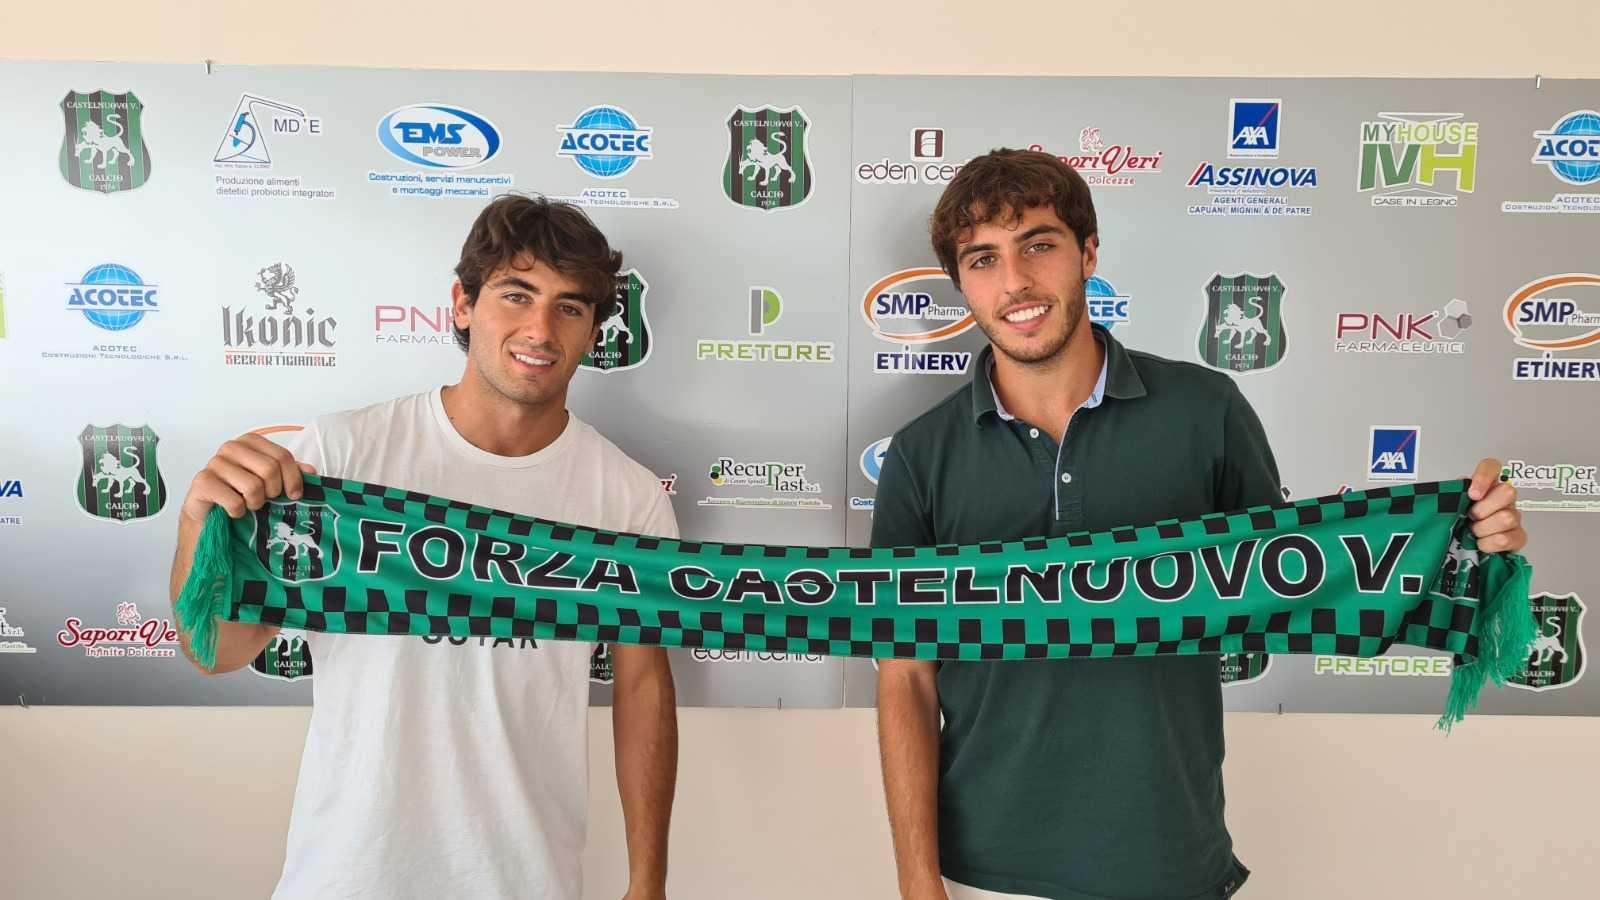 Calcio, Castelnuovo: ufficiali le conferme di Lorenzo e Leonardo Emili